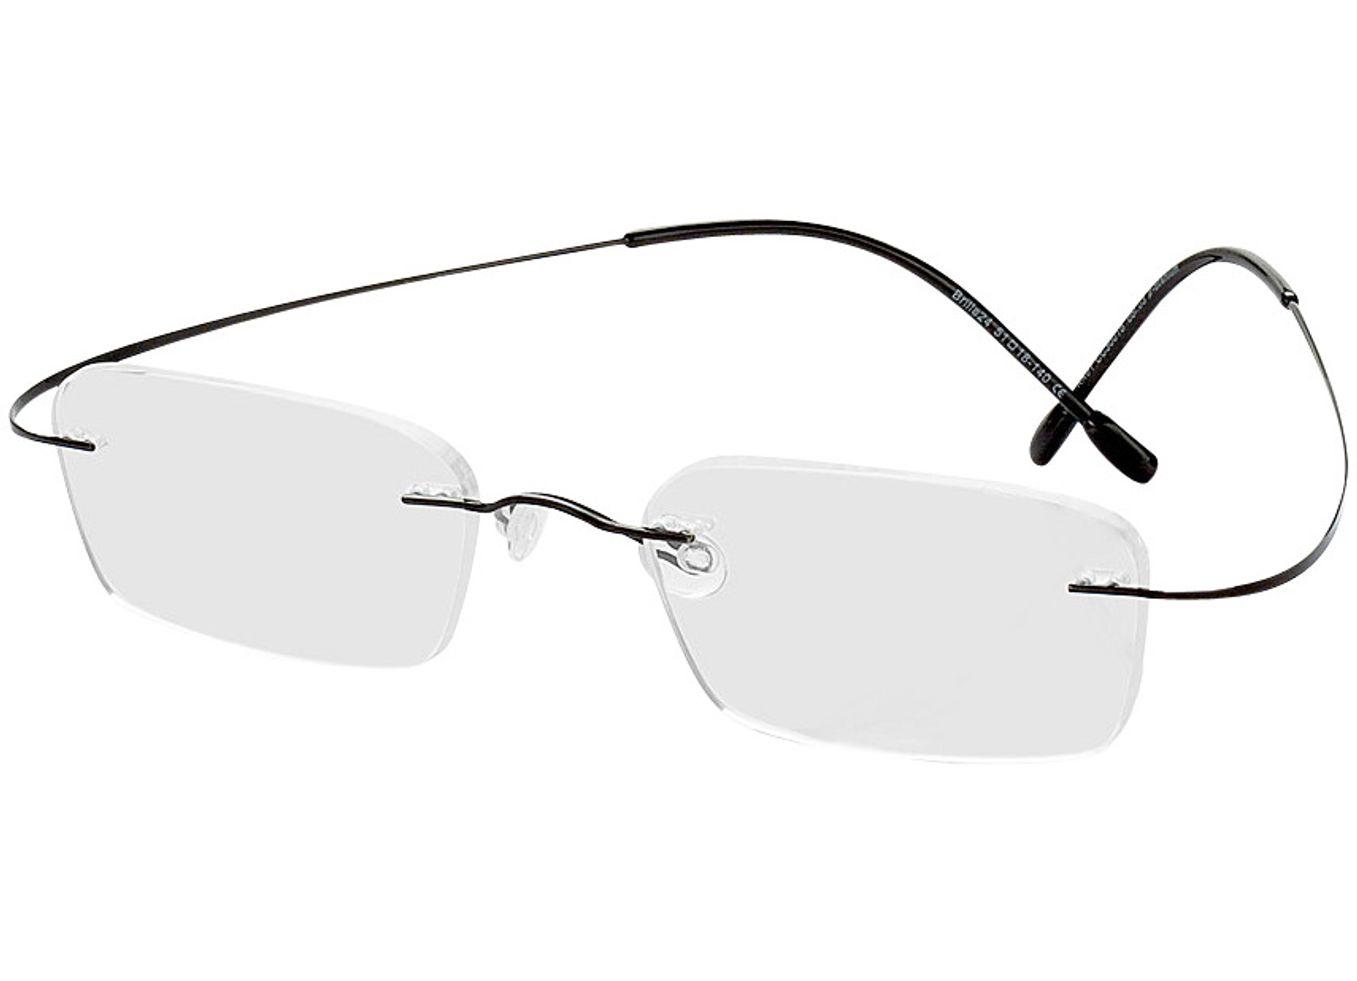 1094-singlevision-0000 Mackay-schwarz Gleitsichtbrille, Randlos, Rechteckig Brille24 Collection